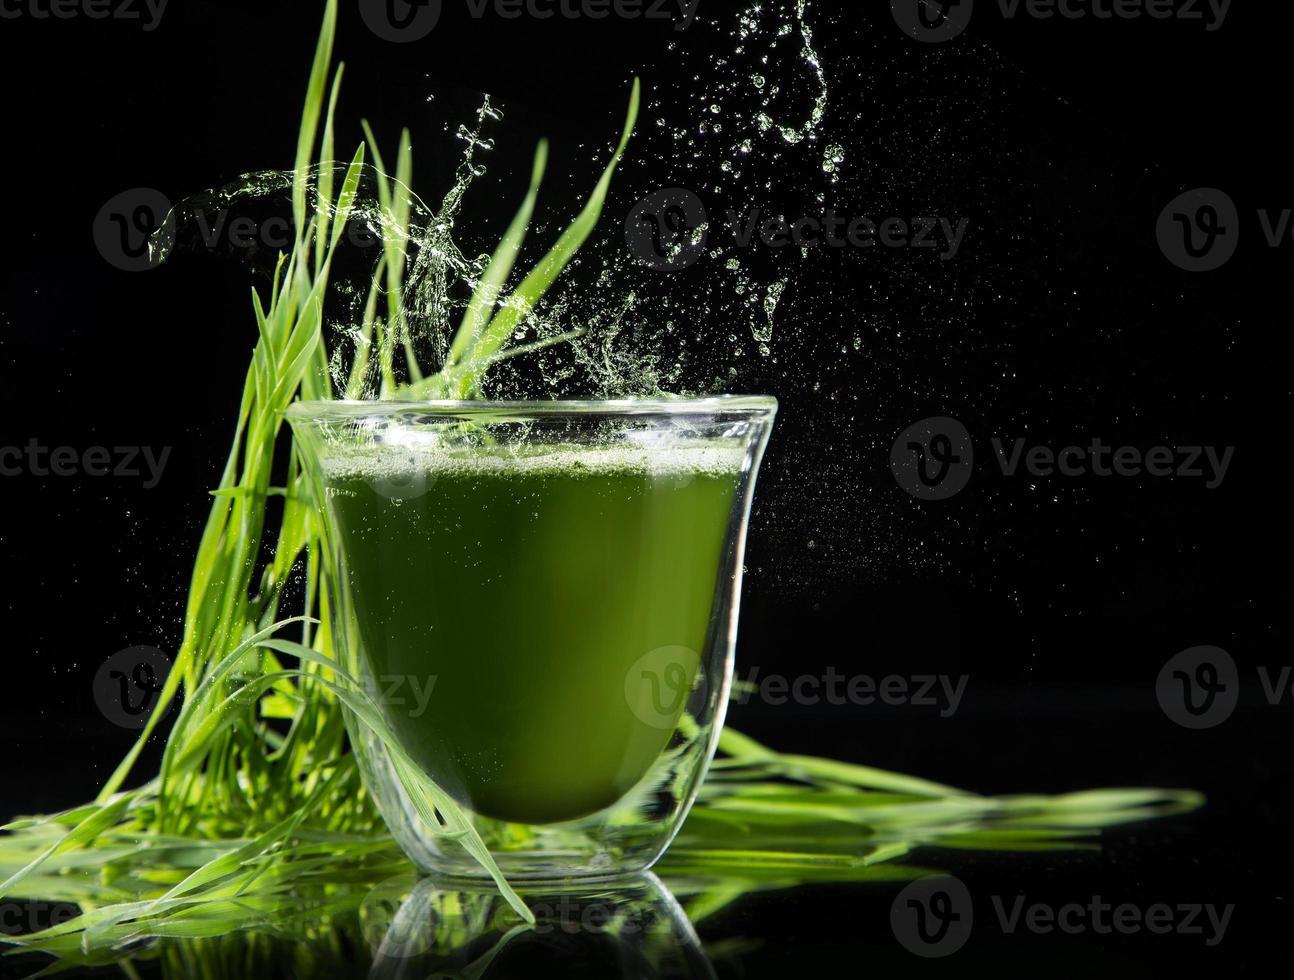 désintoxication. jeune orge, superaliment de chlorella. photo